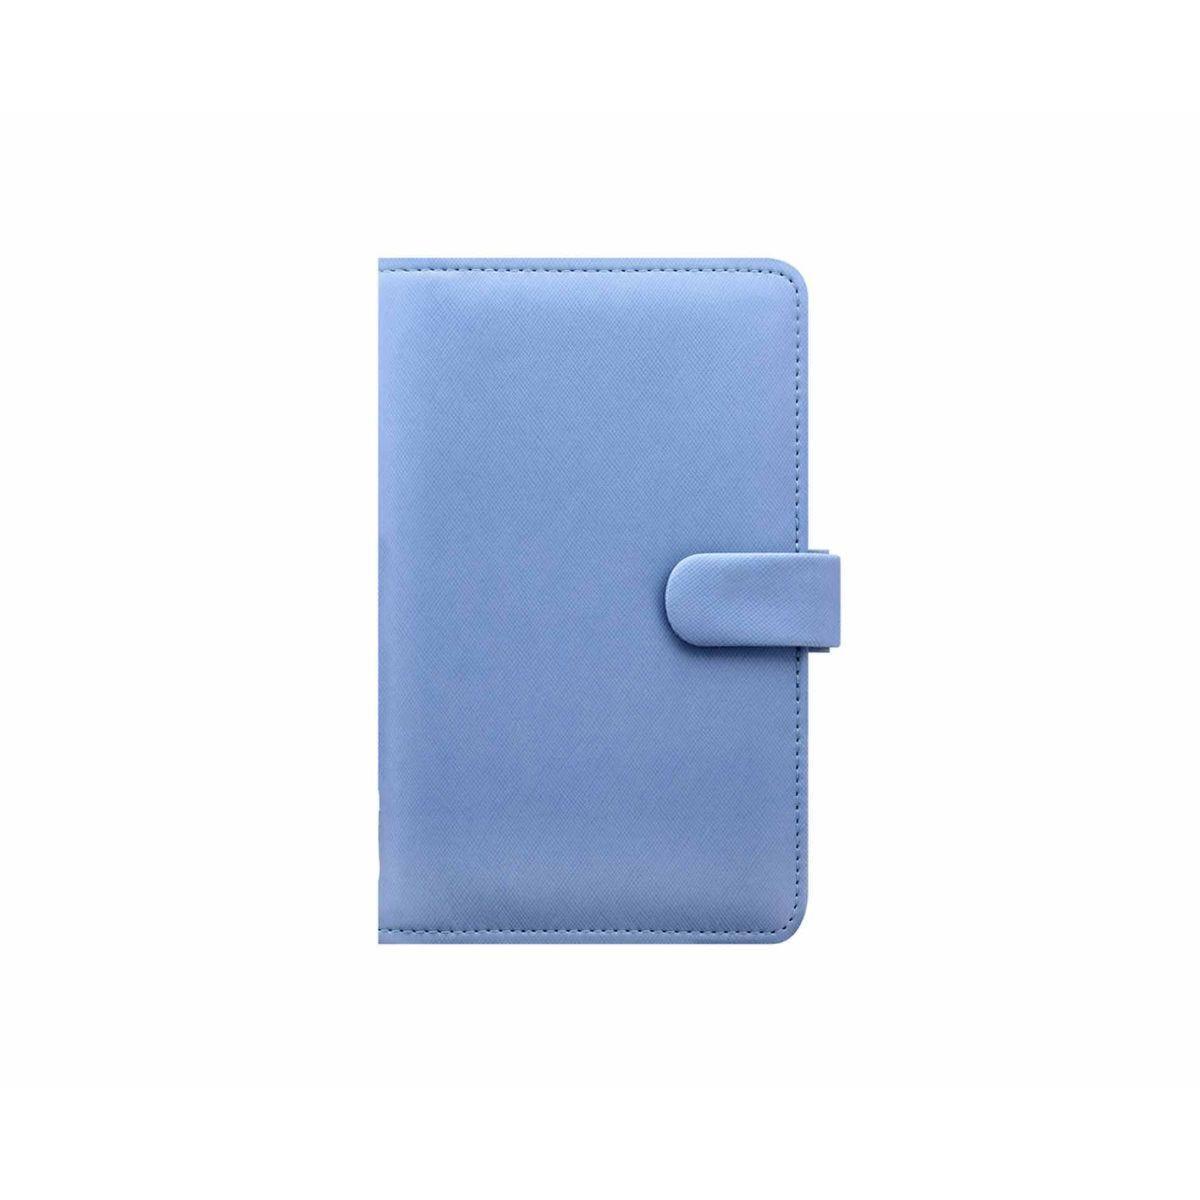 Filofax Saffiano Compact Organiser